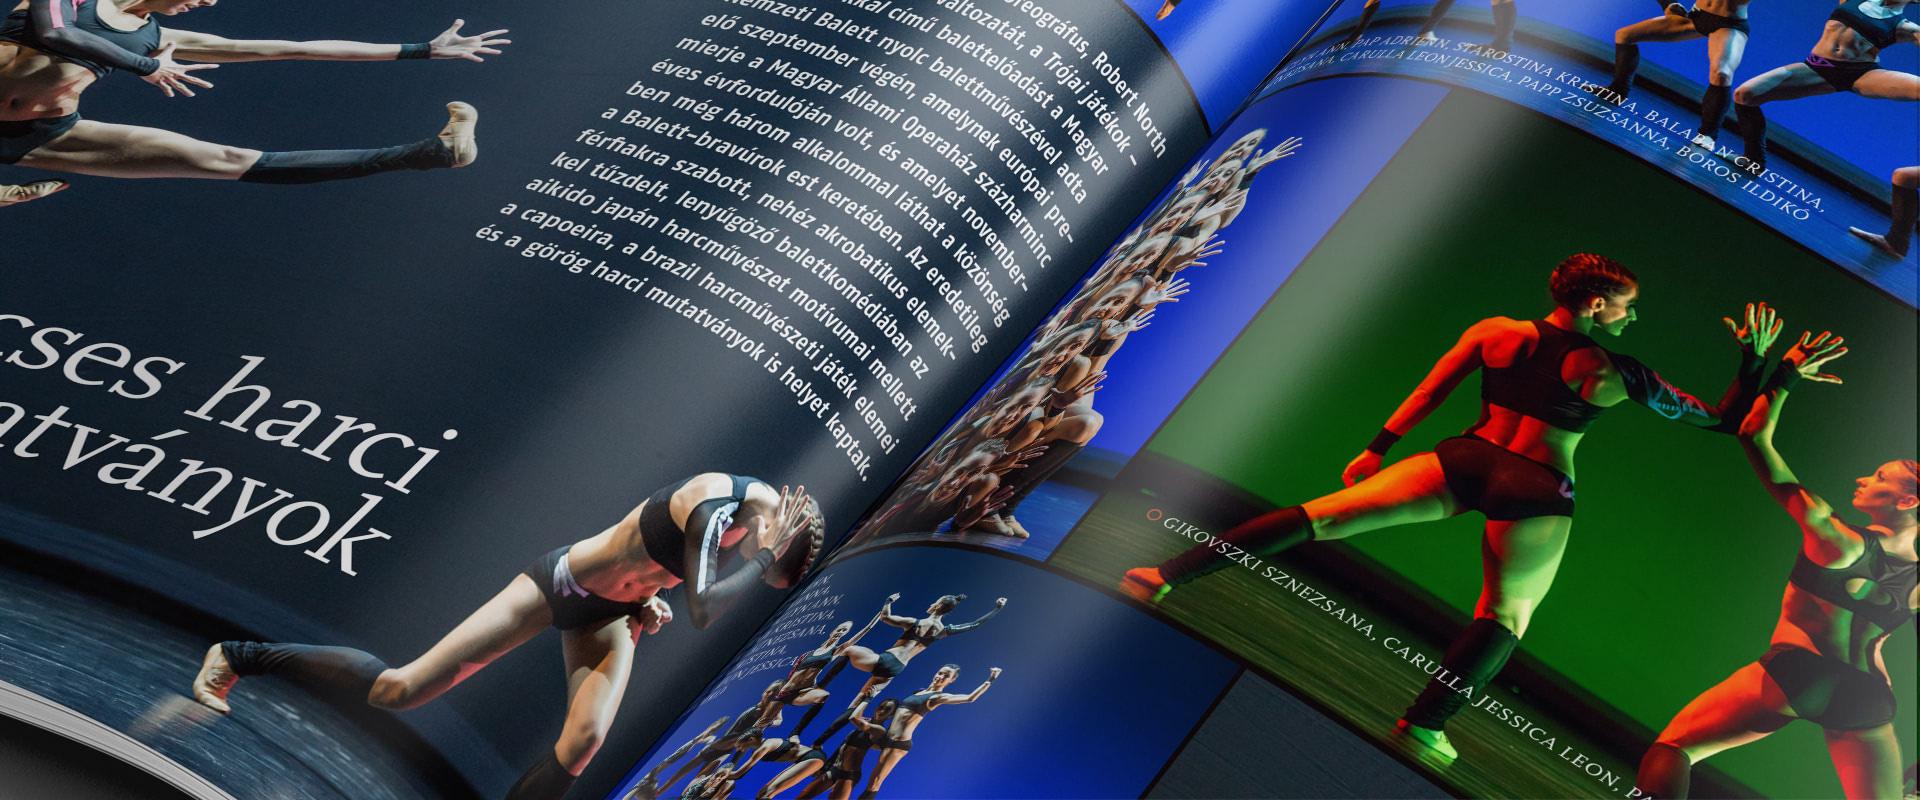 Opera_magazin_kiadványtervezés